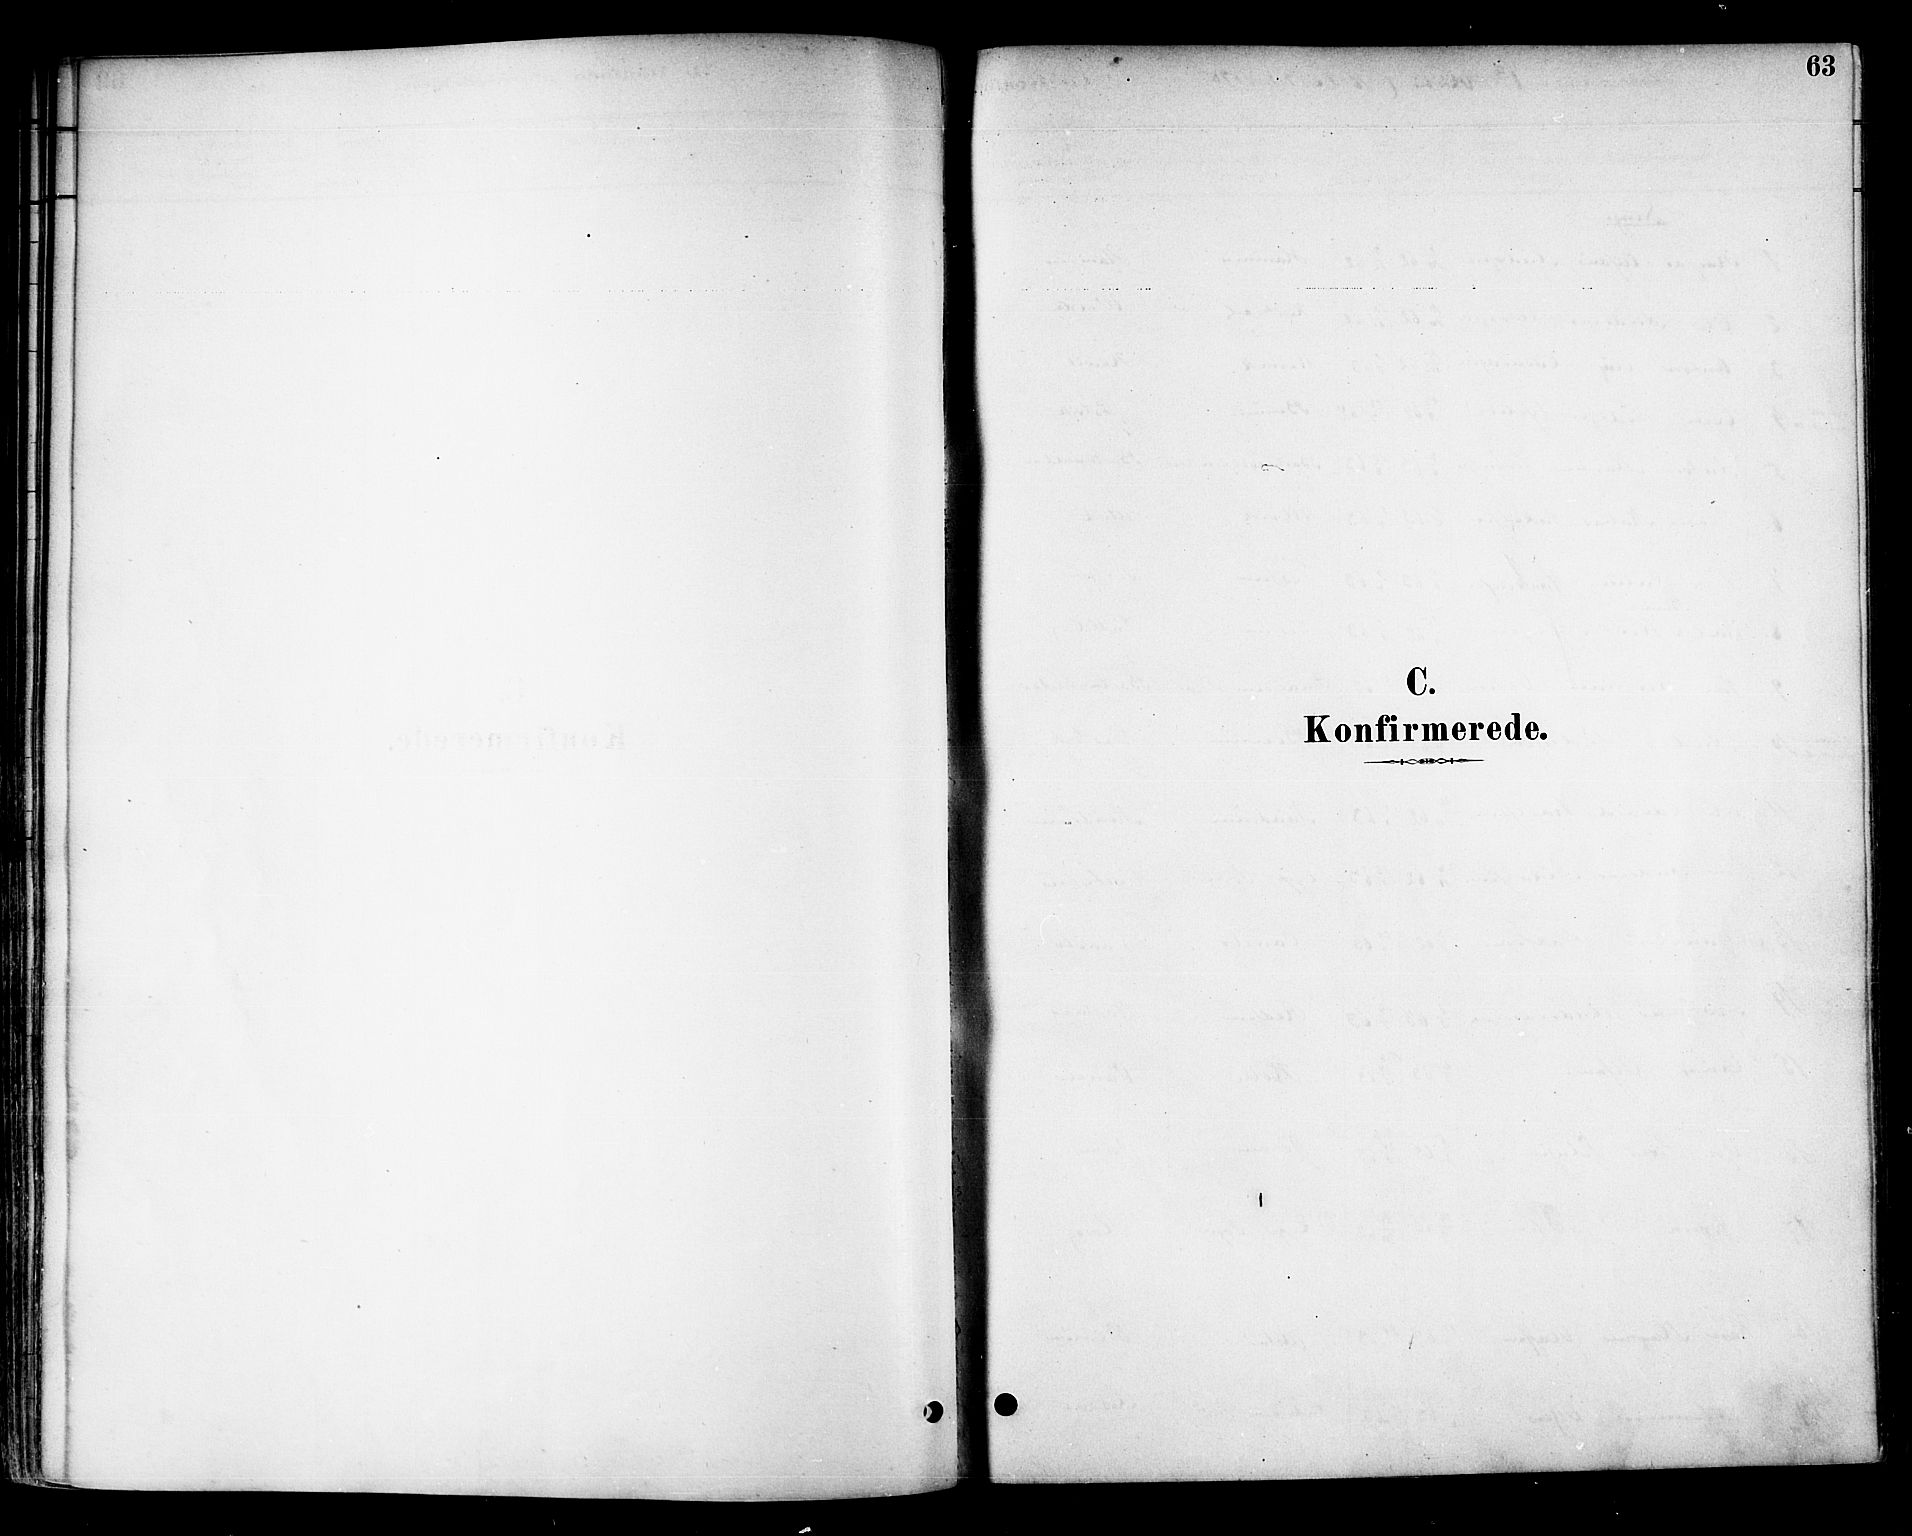 SAT, Ministerialprotokoller, klokkerbøker og fødselsregistre - Nord-Trøndelag, 741/L0395: Ministerialbok nr. 741A09, 1878-1888, s. 63